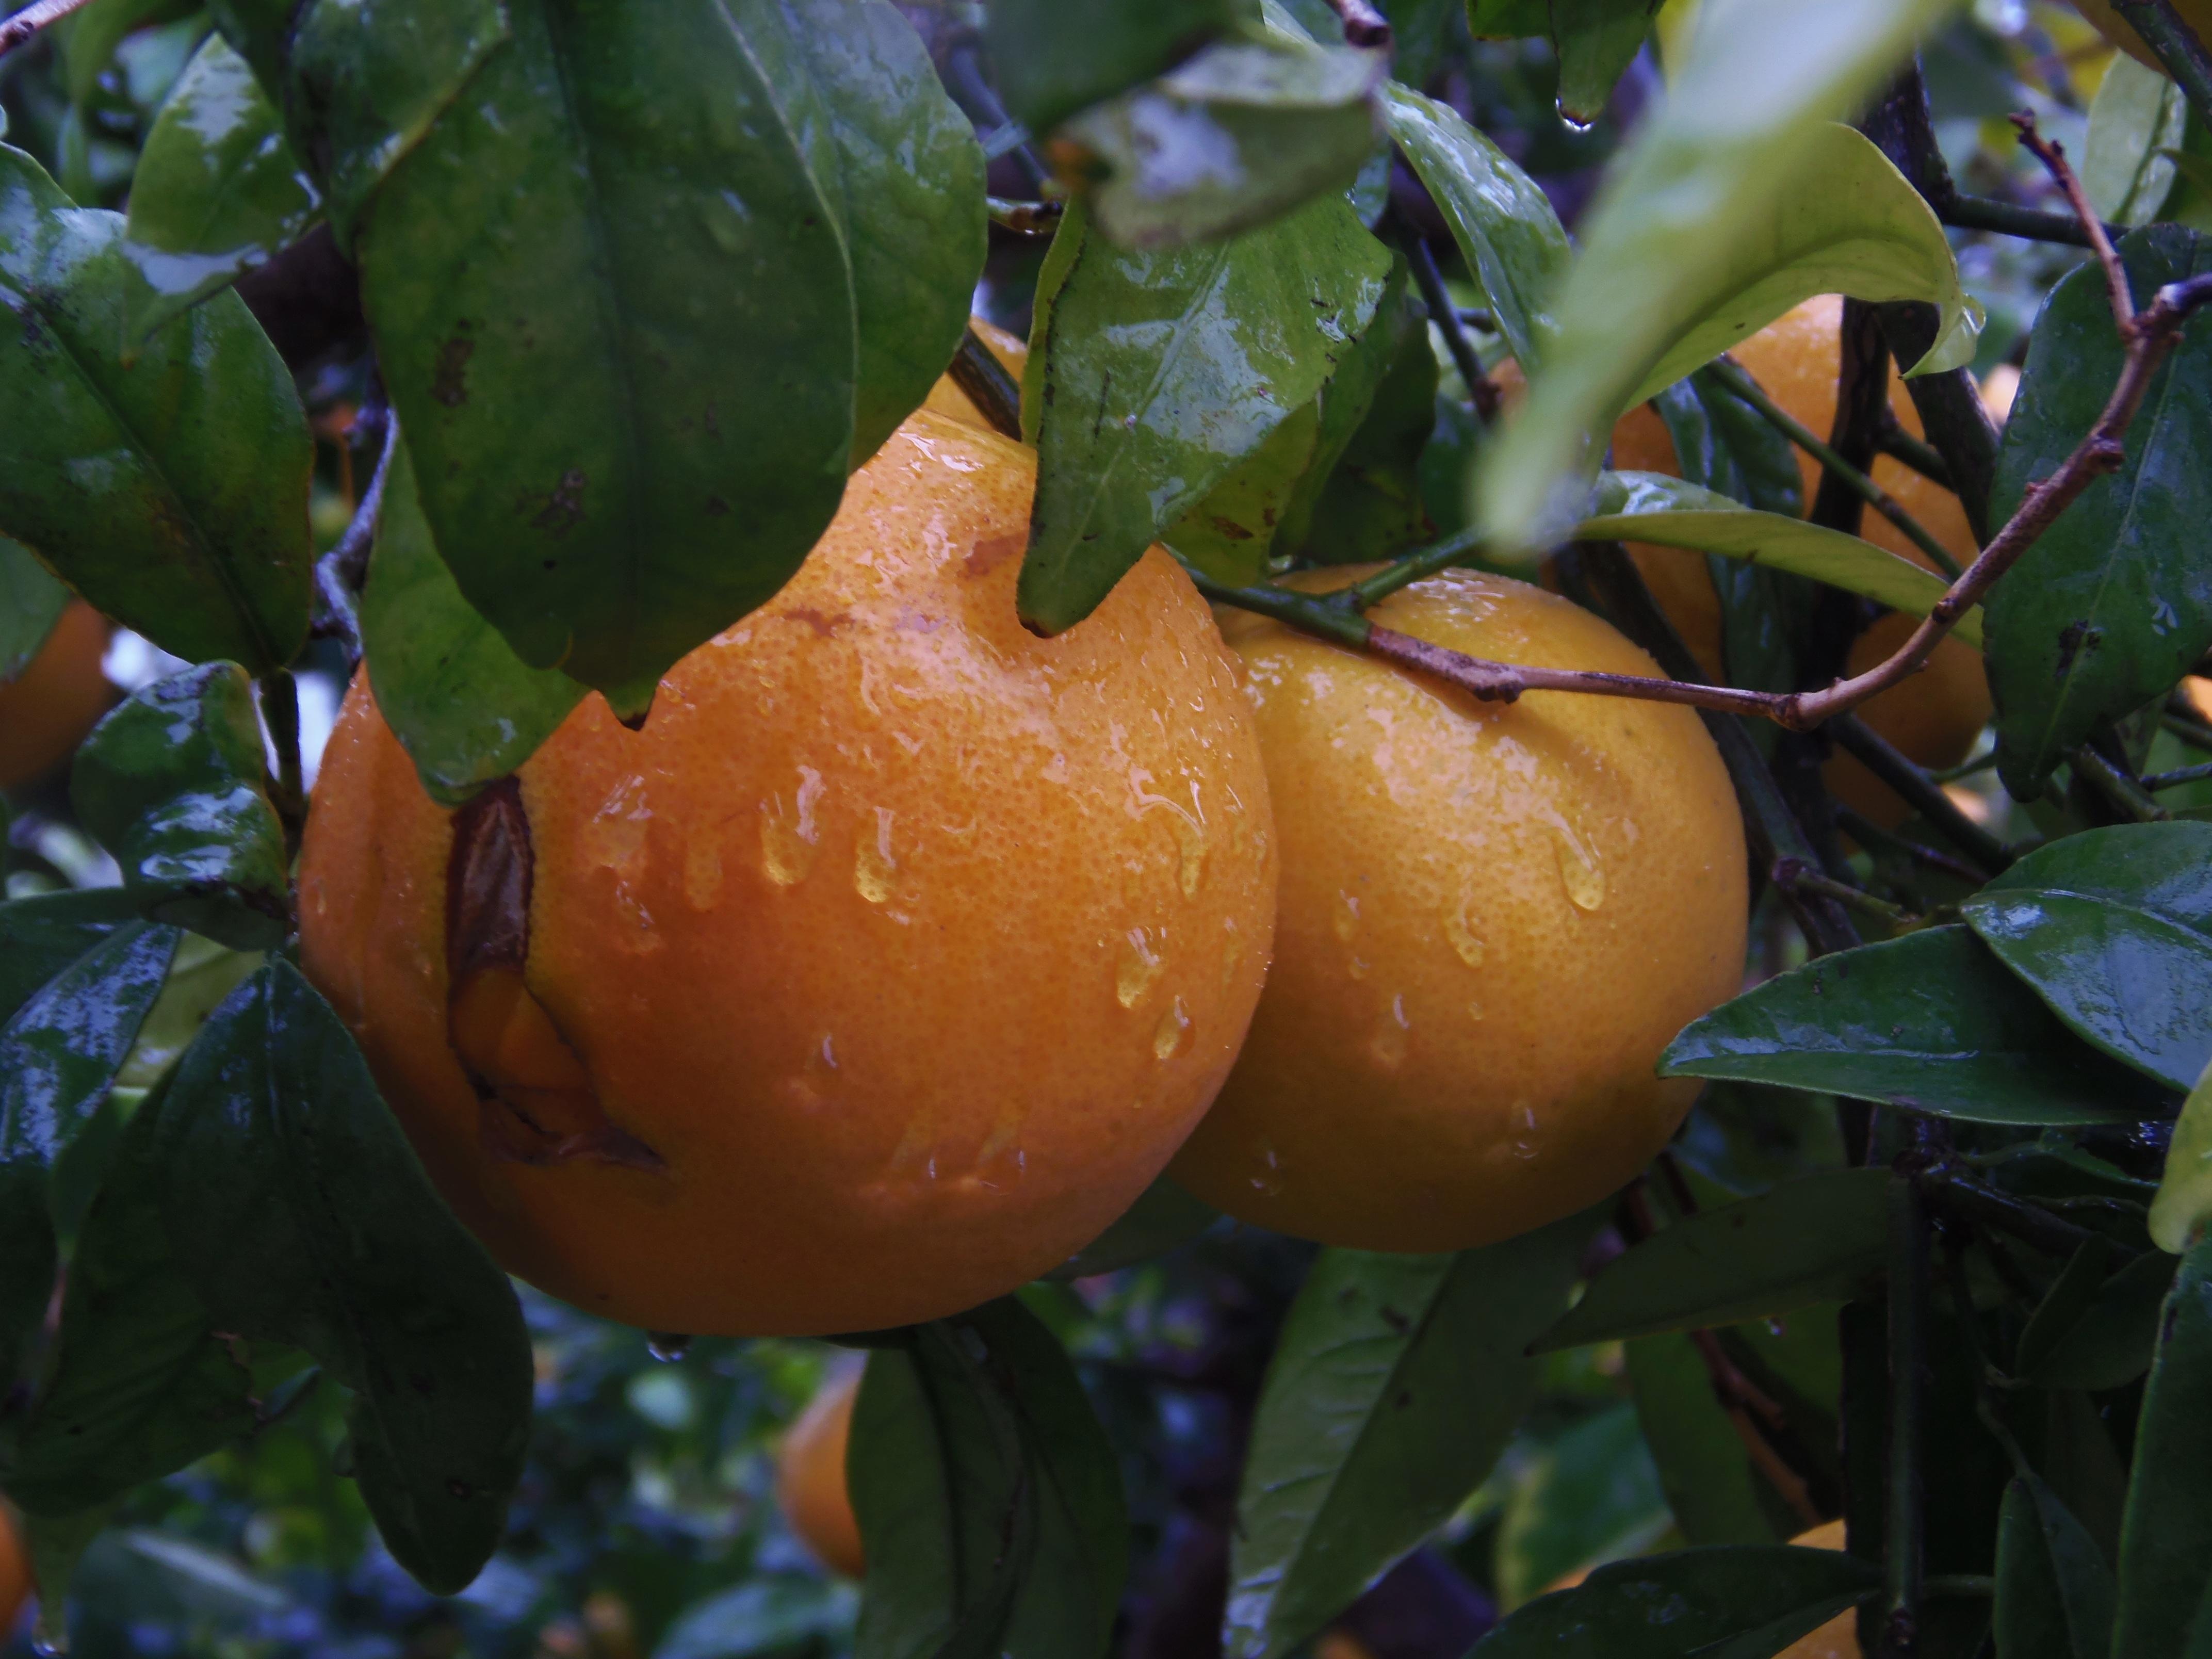 bittere Früchte und Gemüse